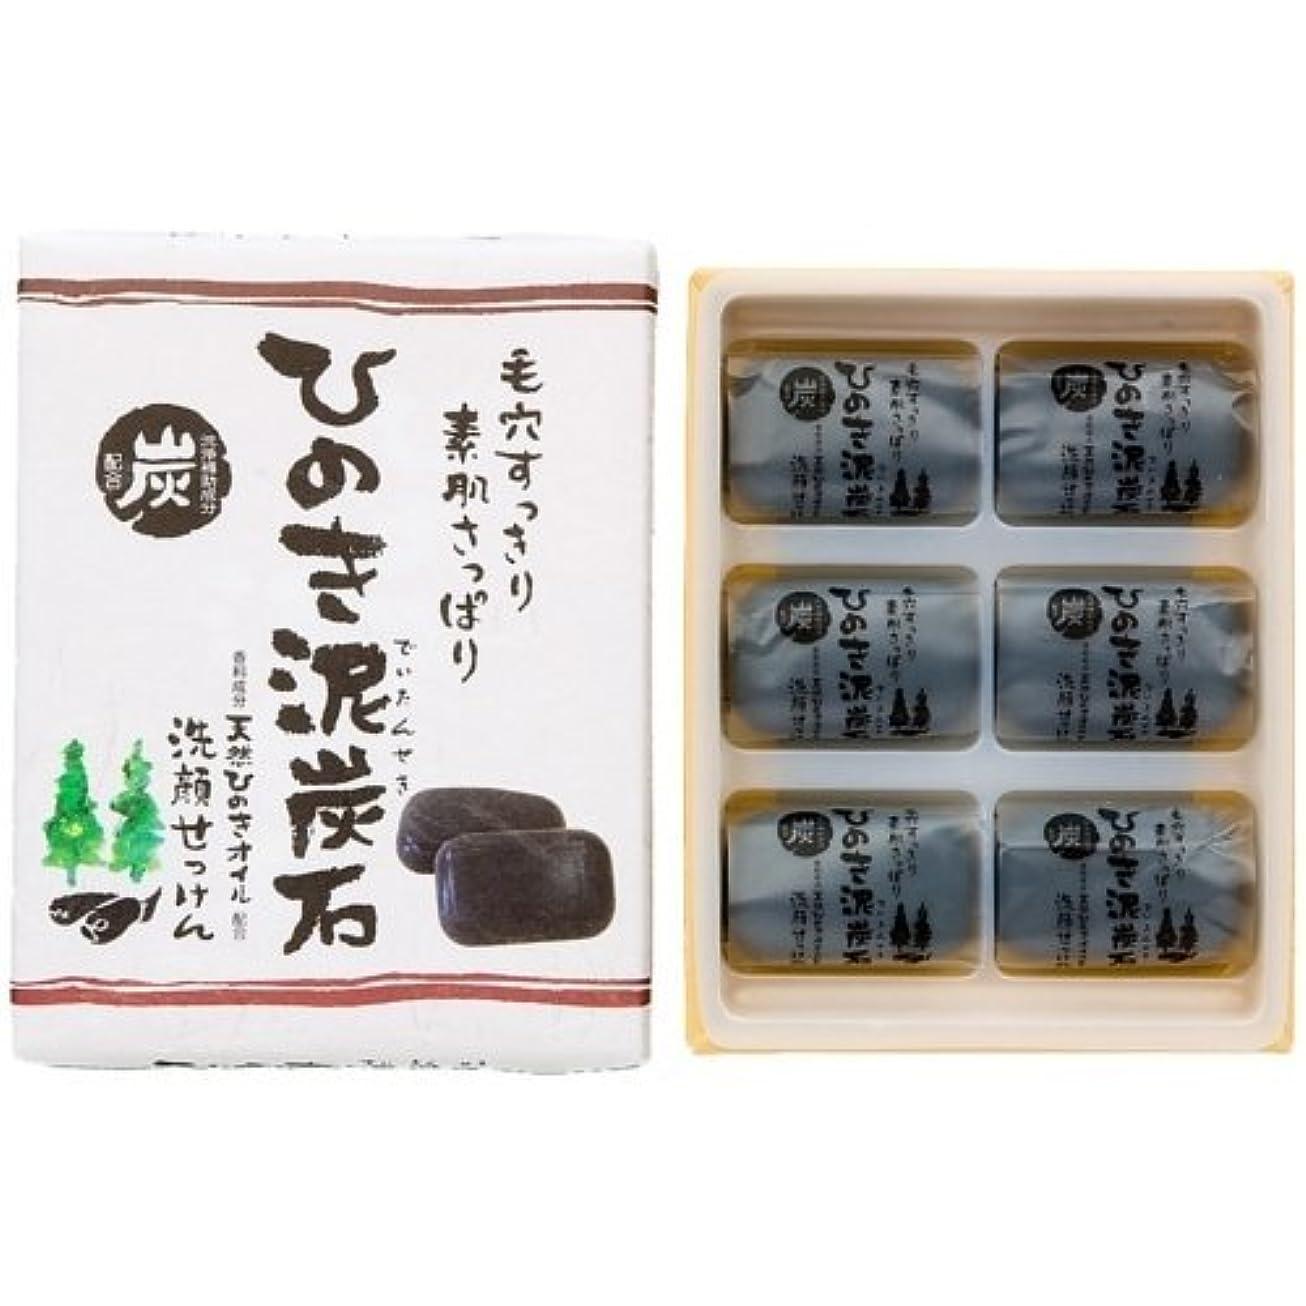 スキップ悪魔マントルひのき泥炭石 すっきりタイプ 黒 30g×6個入